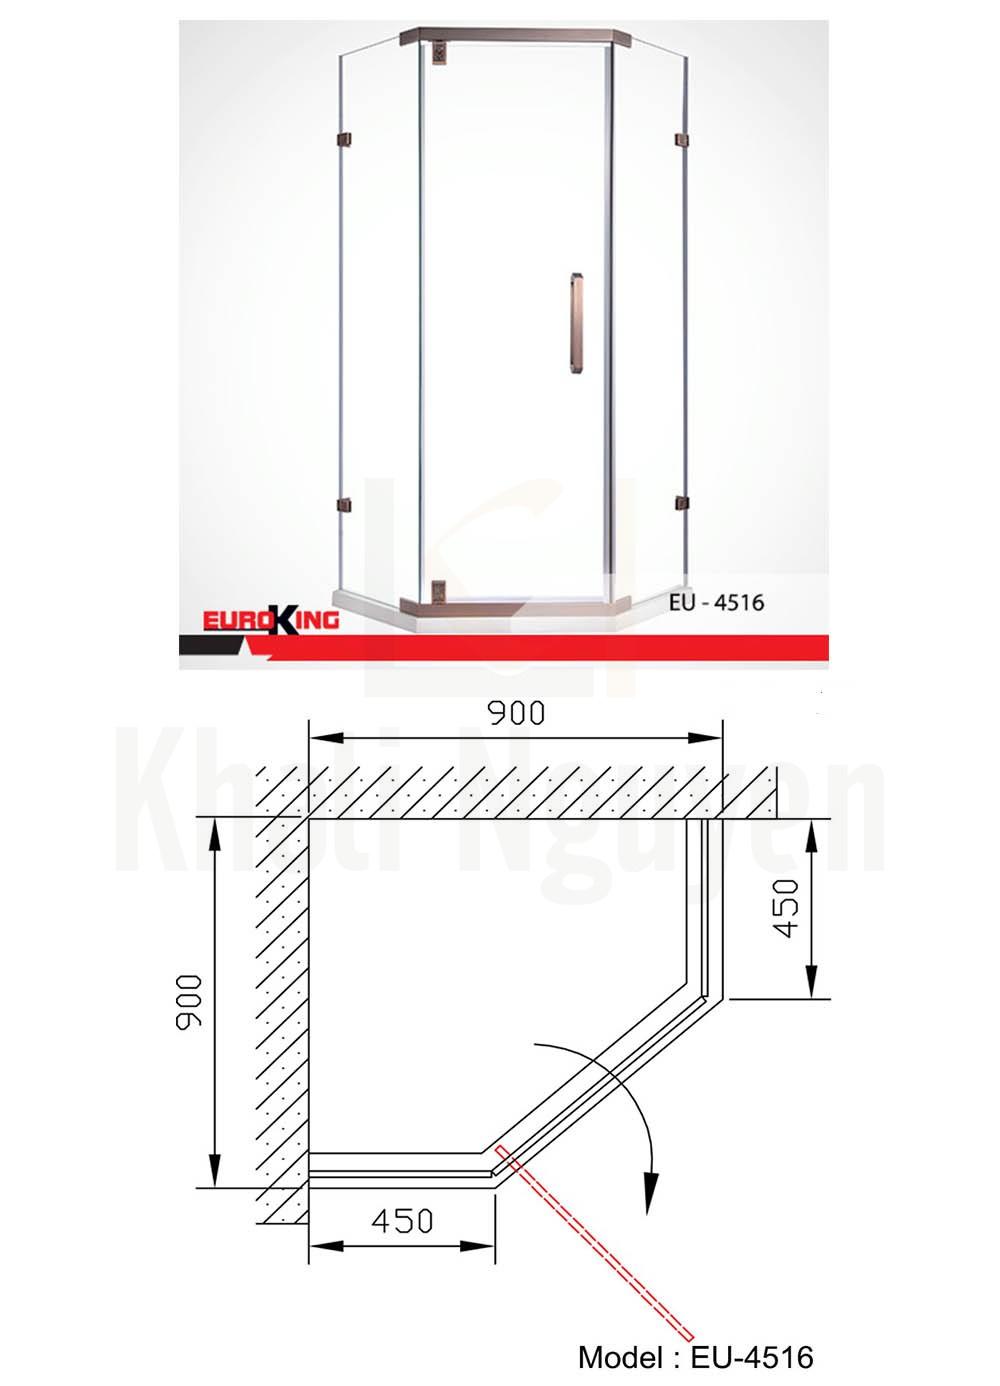 Bản vẽ Phòng tắm vách kính Euroking EU-4516